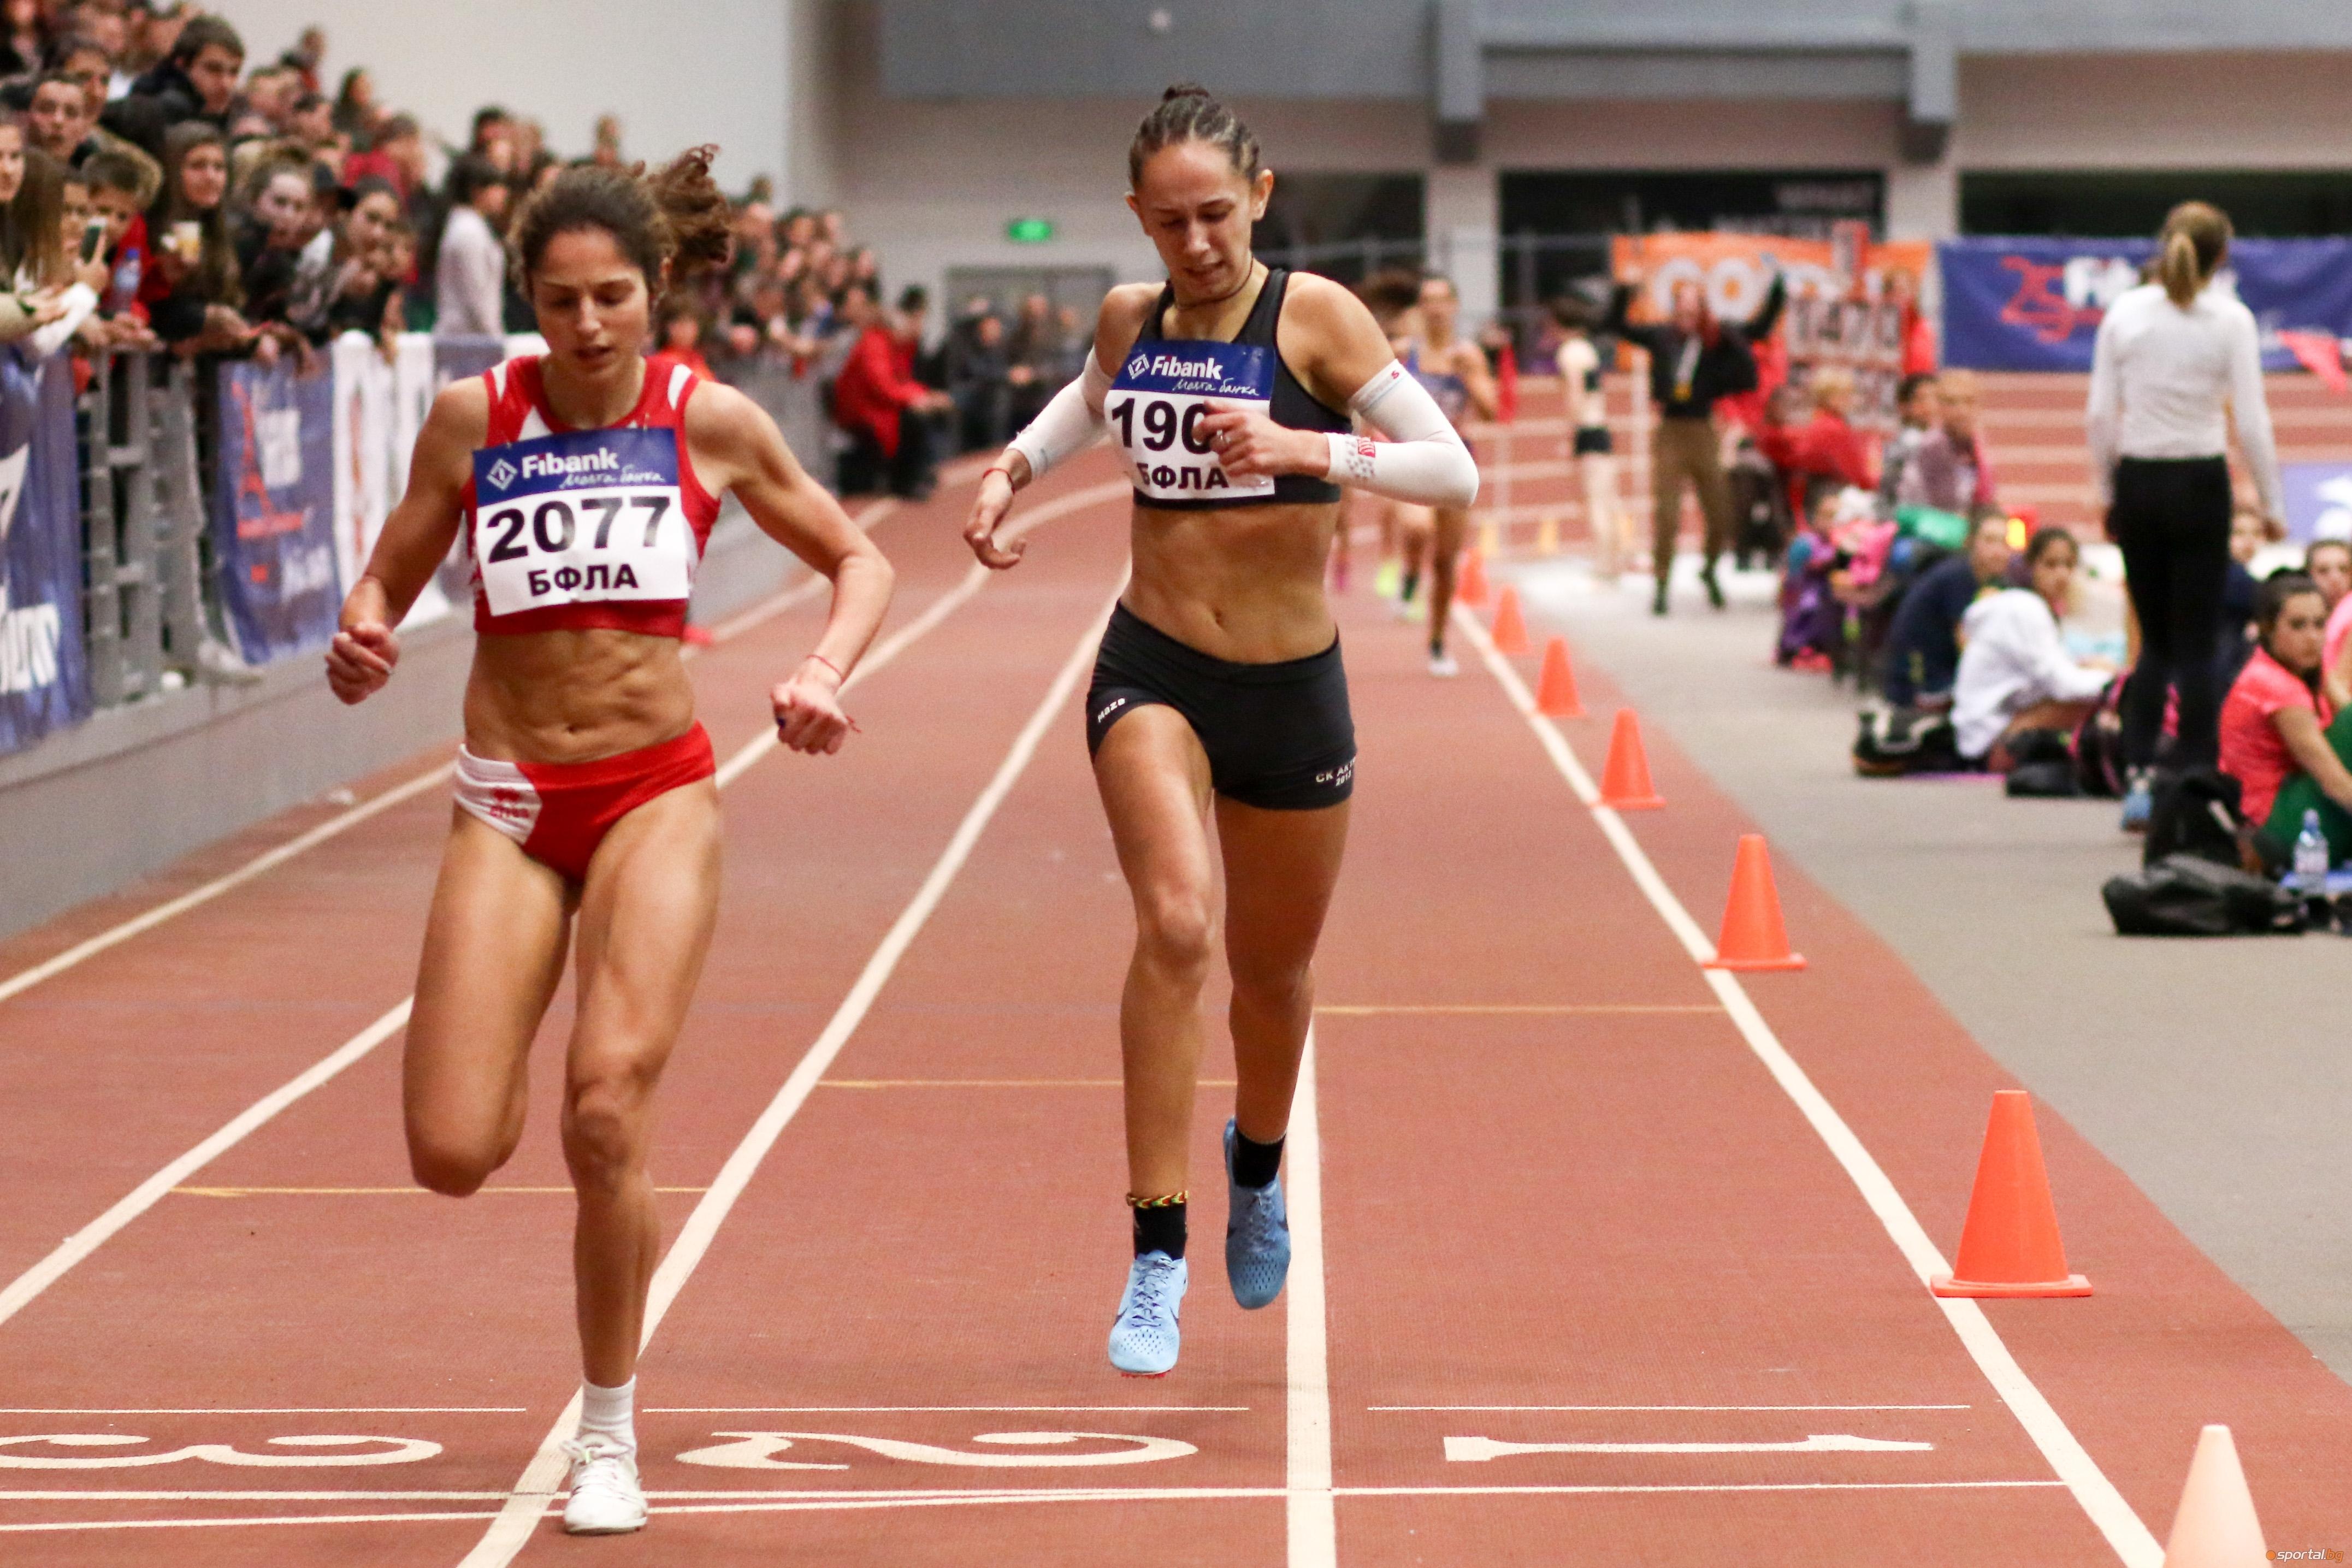 Сребърната медалистка на 1500 метра от континенталния форум за девойки